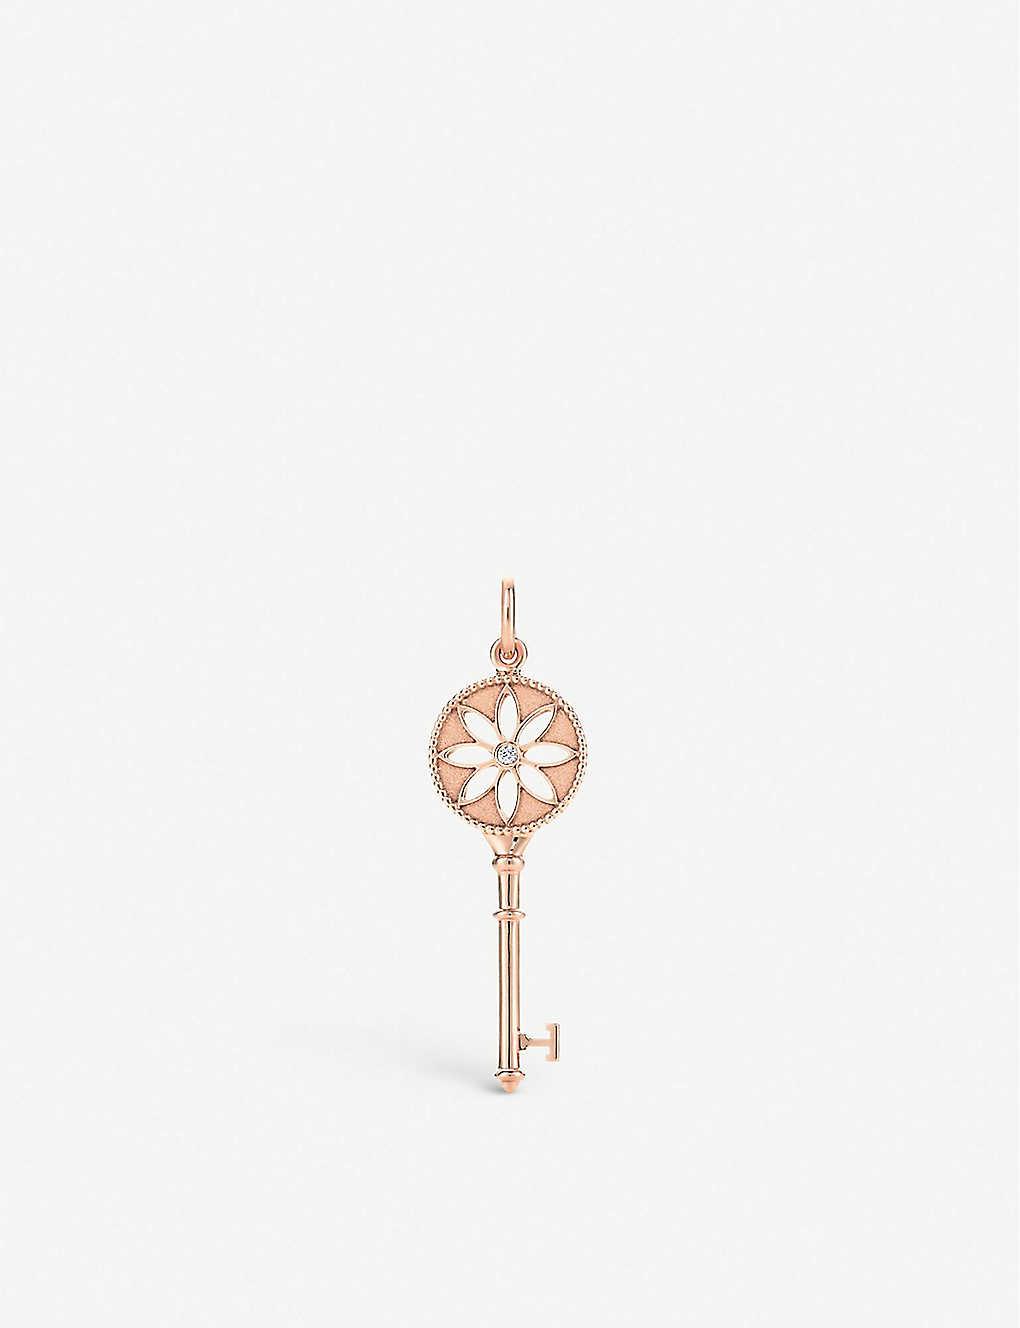 8e467f754 TIFFANY & CO - Tiffany Keys Daisy Key 18k rose gold and diamond ...